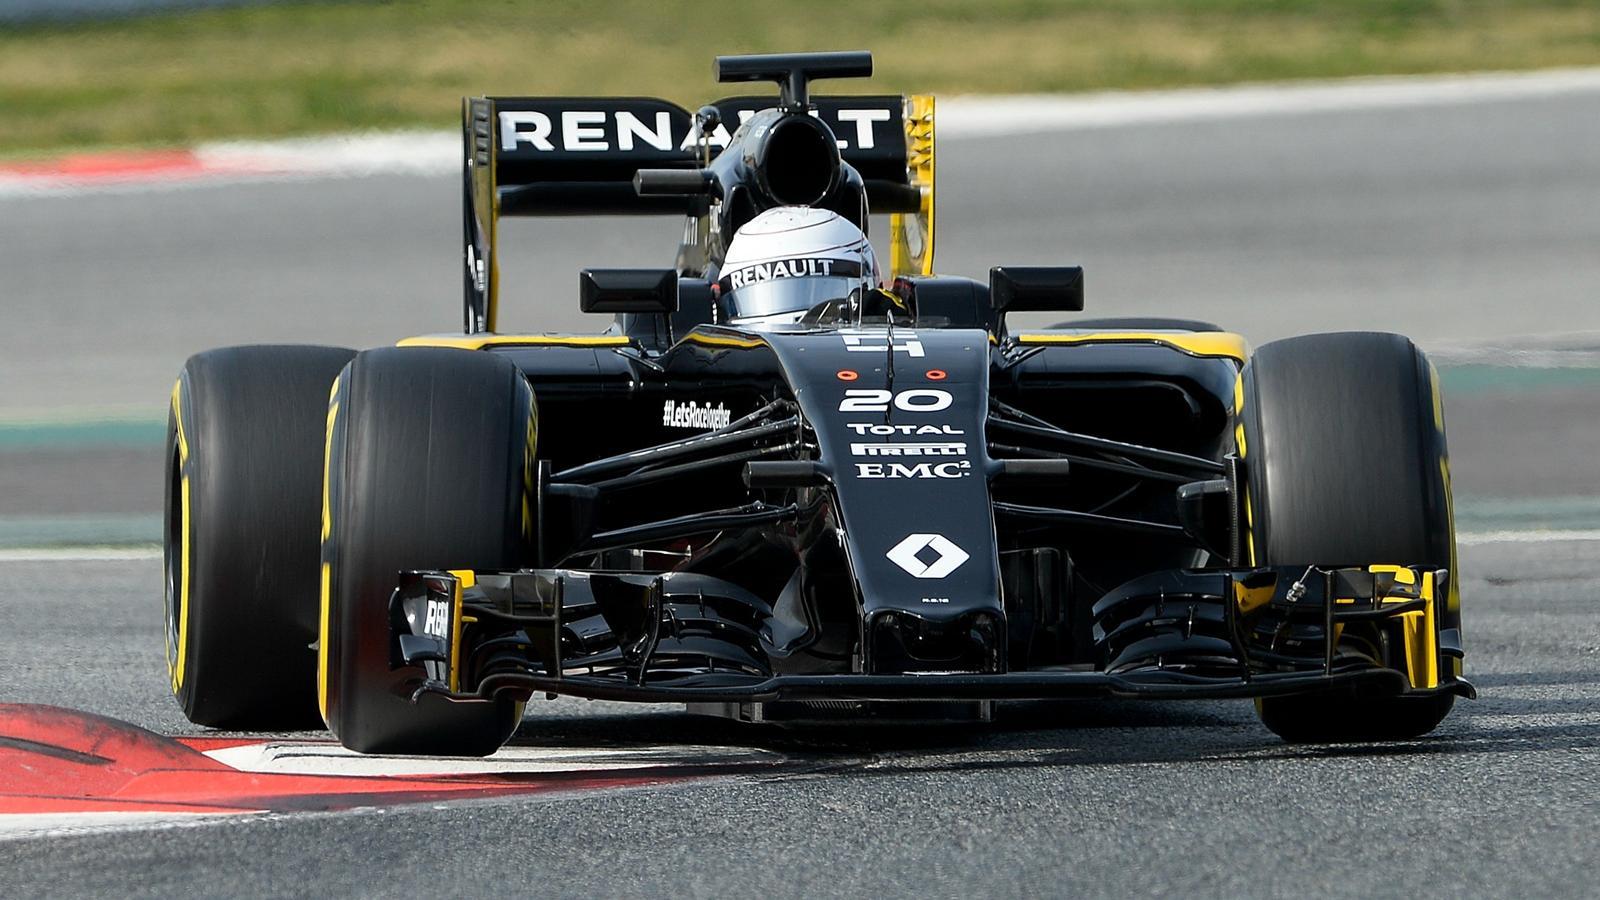 Formule 1 gp d 39 australie un moteur renault plus puissant melbourne saison 2016 formule - Formule vitesse de coupe ...